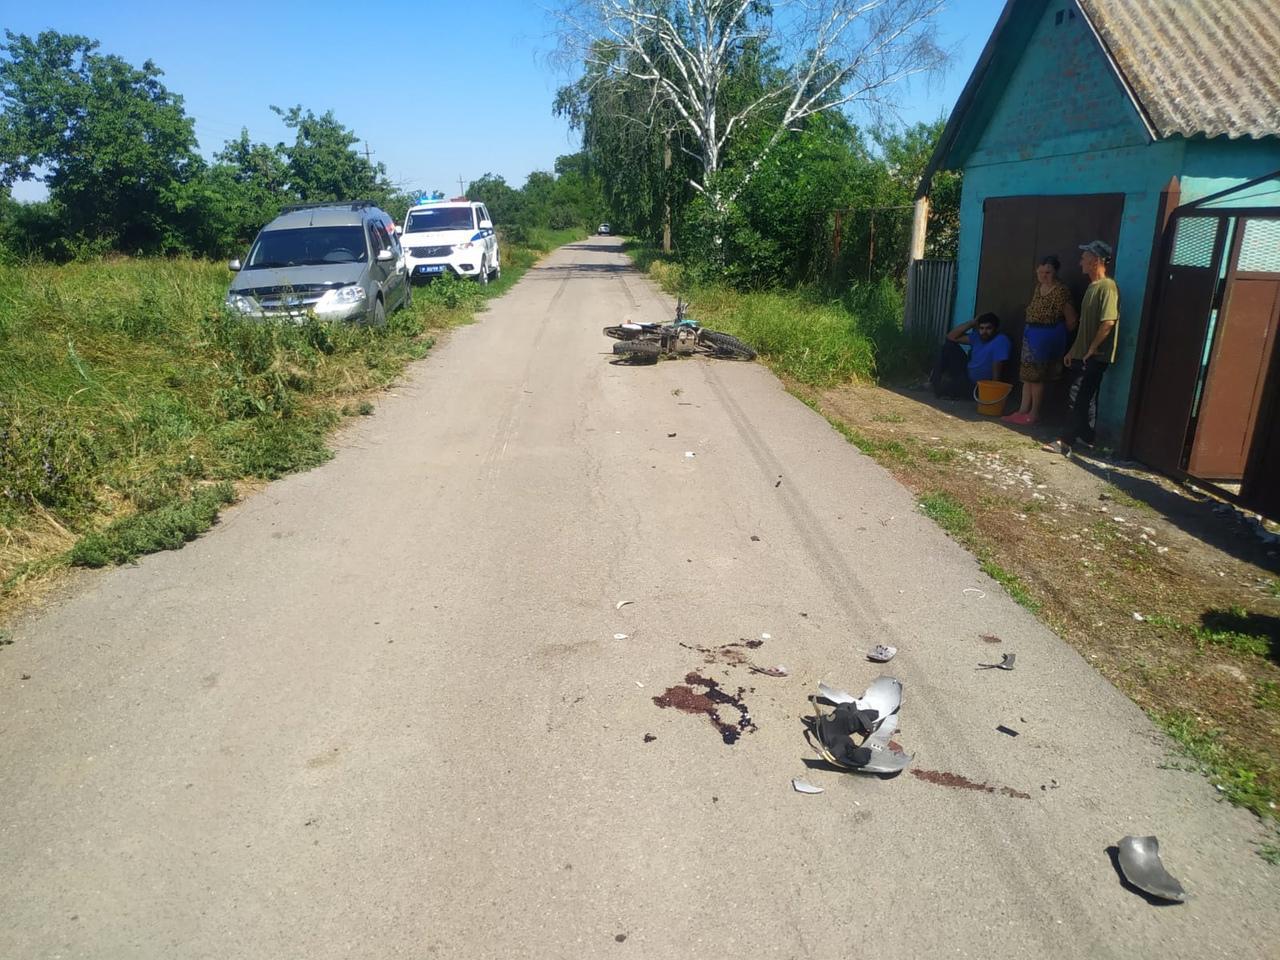 В Ростовской области мужчина на «Ладе» сбил подростка на мотоцикле и скрылся с места ДТП